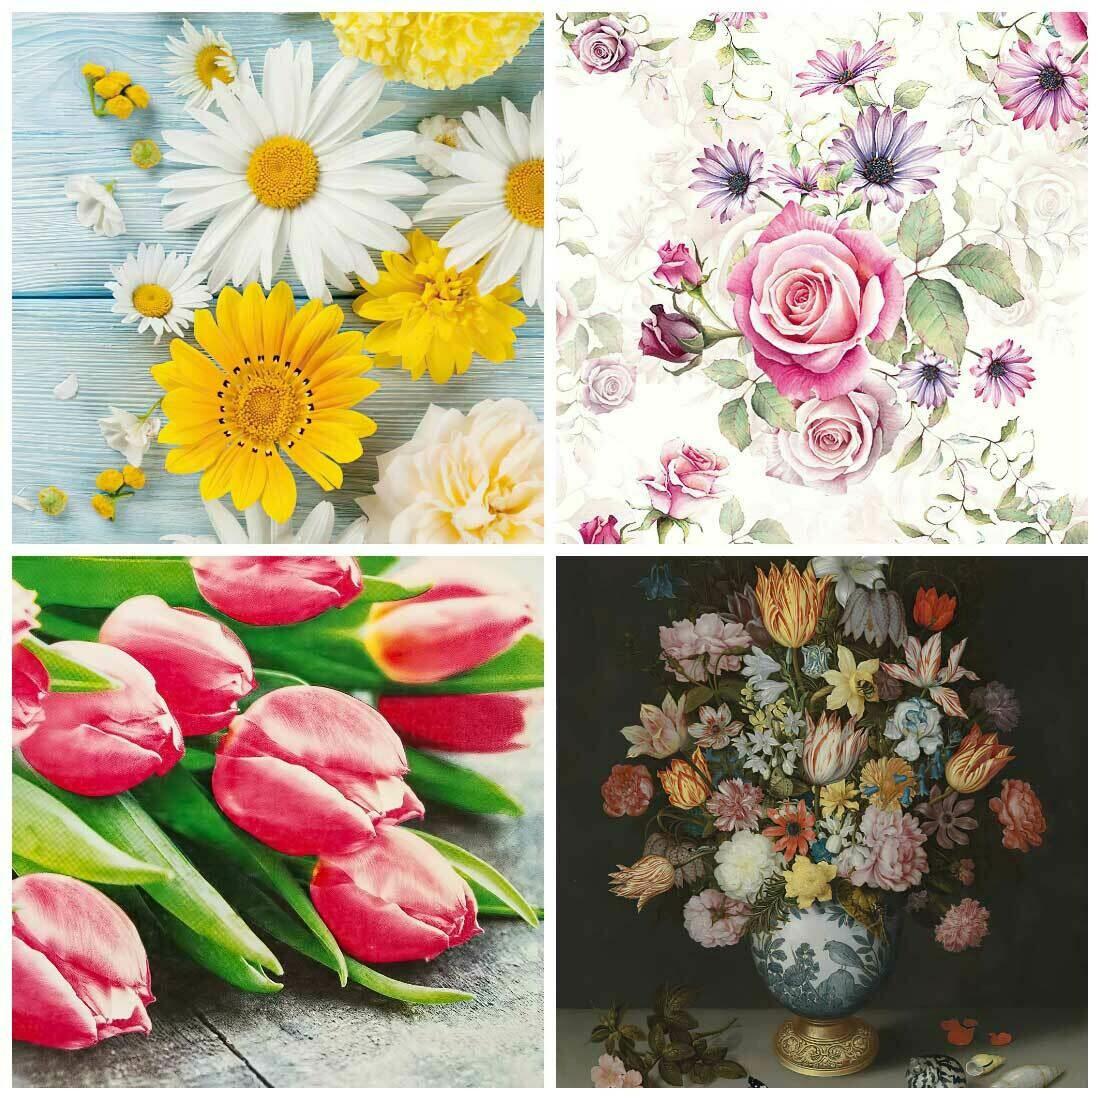 Decoupage Paper Napkins - Floral 20 13x13 (4 Sheets)